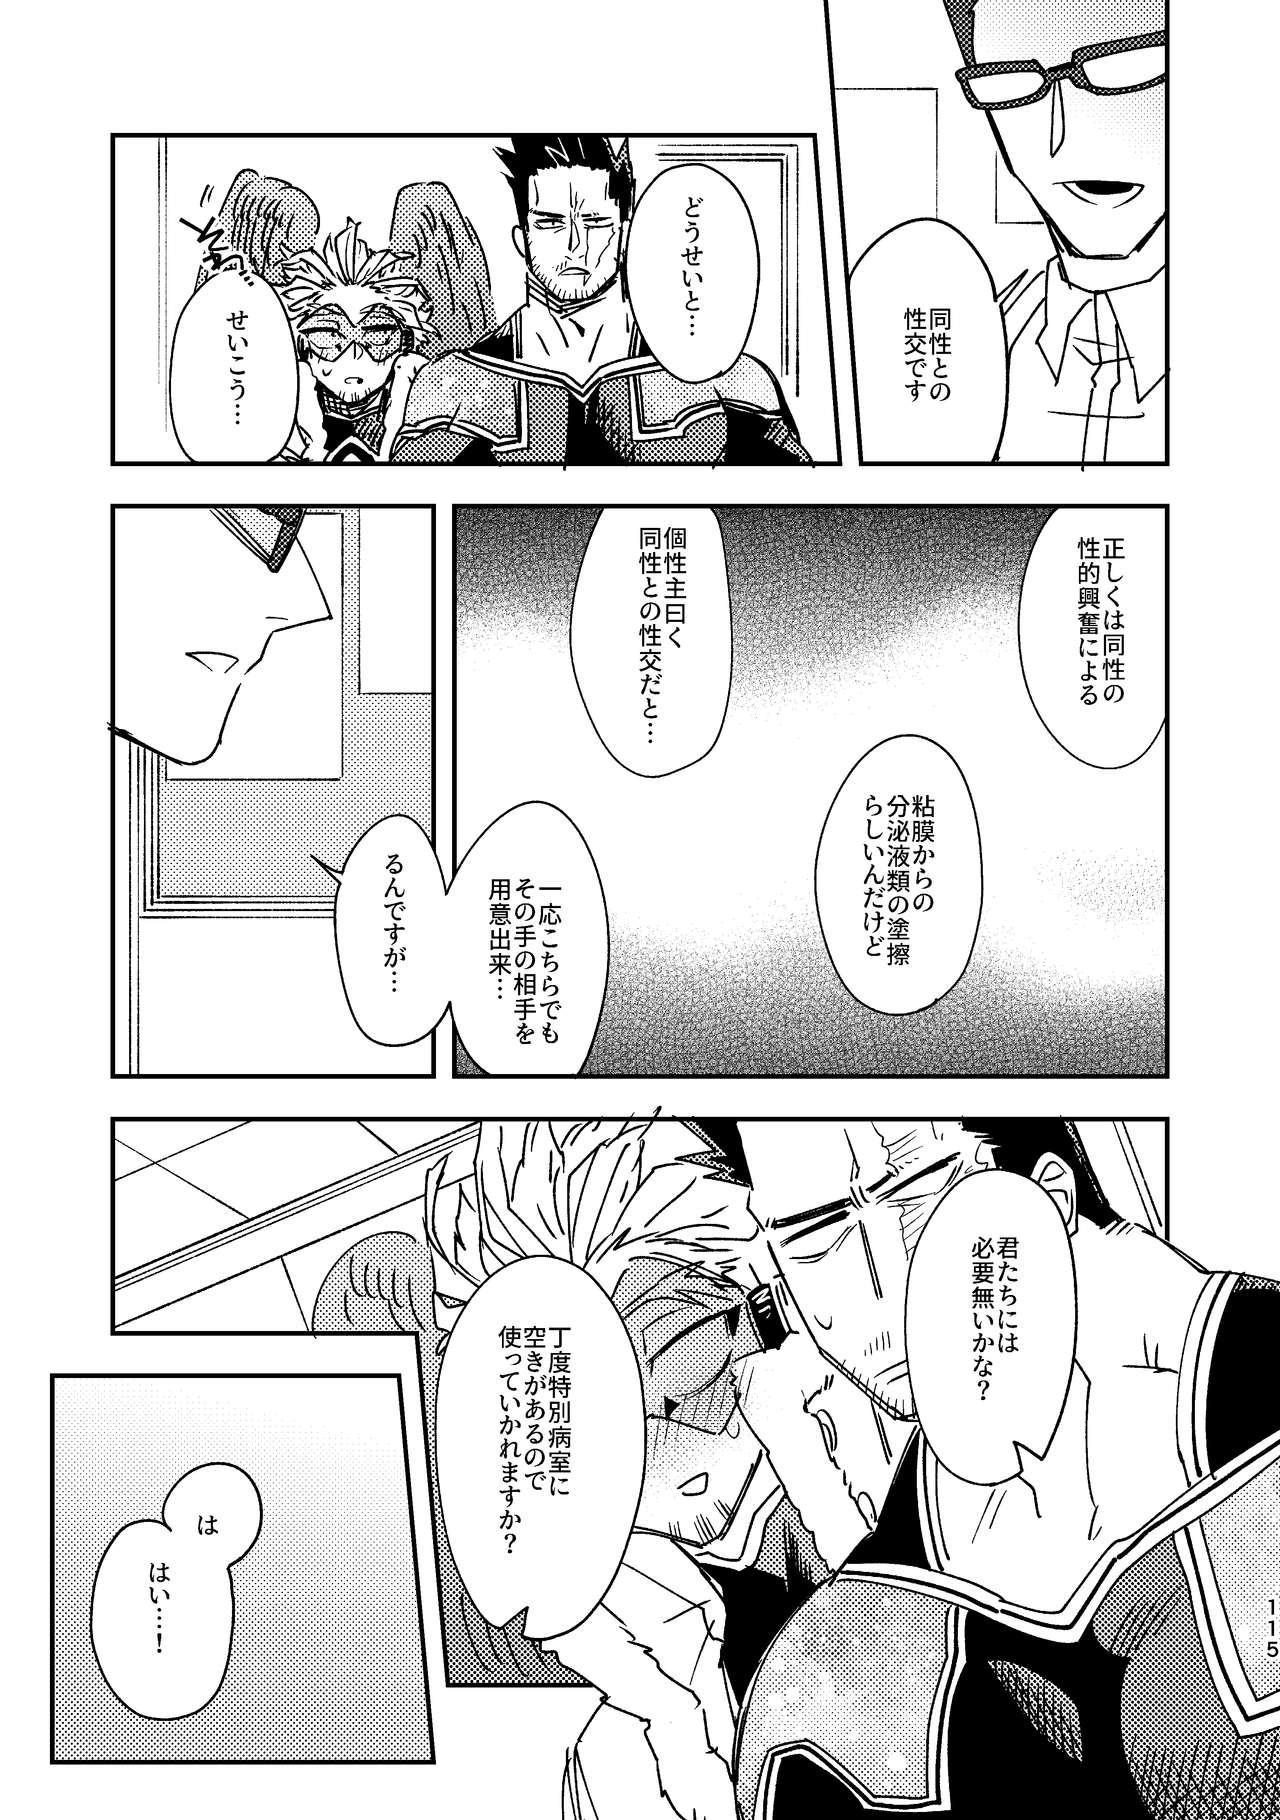 WEB Sairoku Zumi HawEn Manga ga Kami demo Yomeru Hon. 114